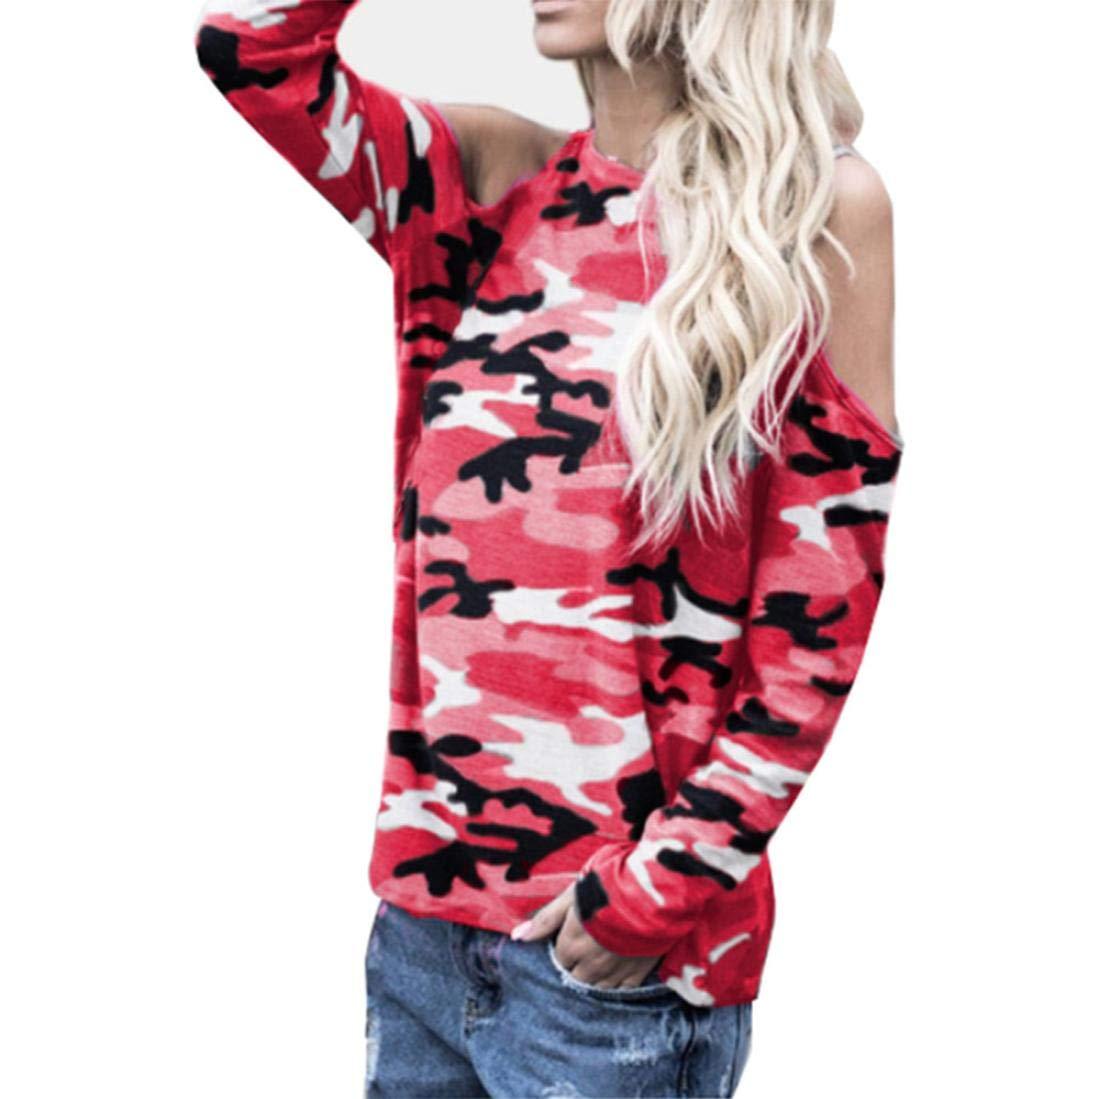 現品限り一斉値下げ! Laimeng_world Clothes SHIRT Medium ガールズ Clothes B07G8GFDH2 B07G8GFDH2 ホットピンク Medium, 上小阿仁村:e6e2e0b7 --- diceanalytics.pk